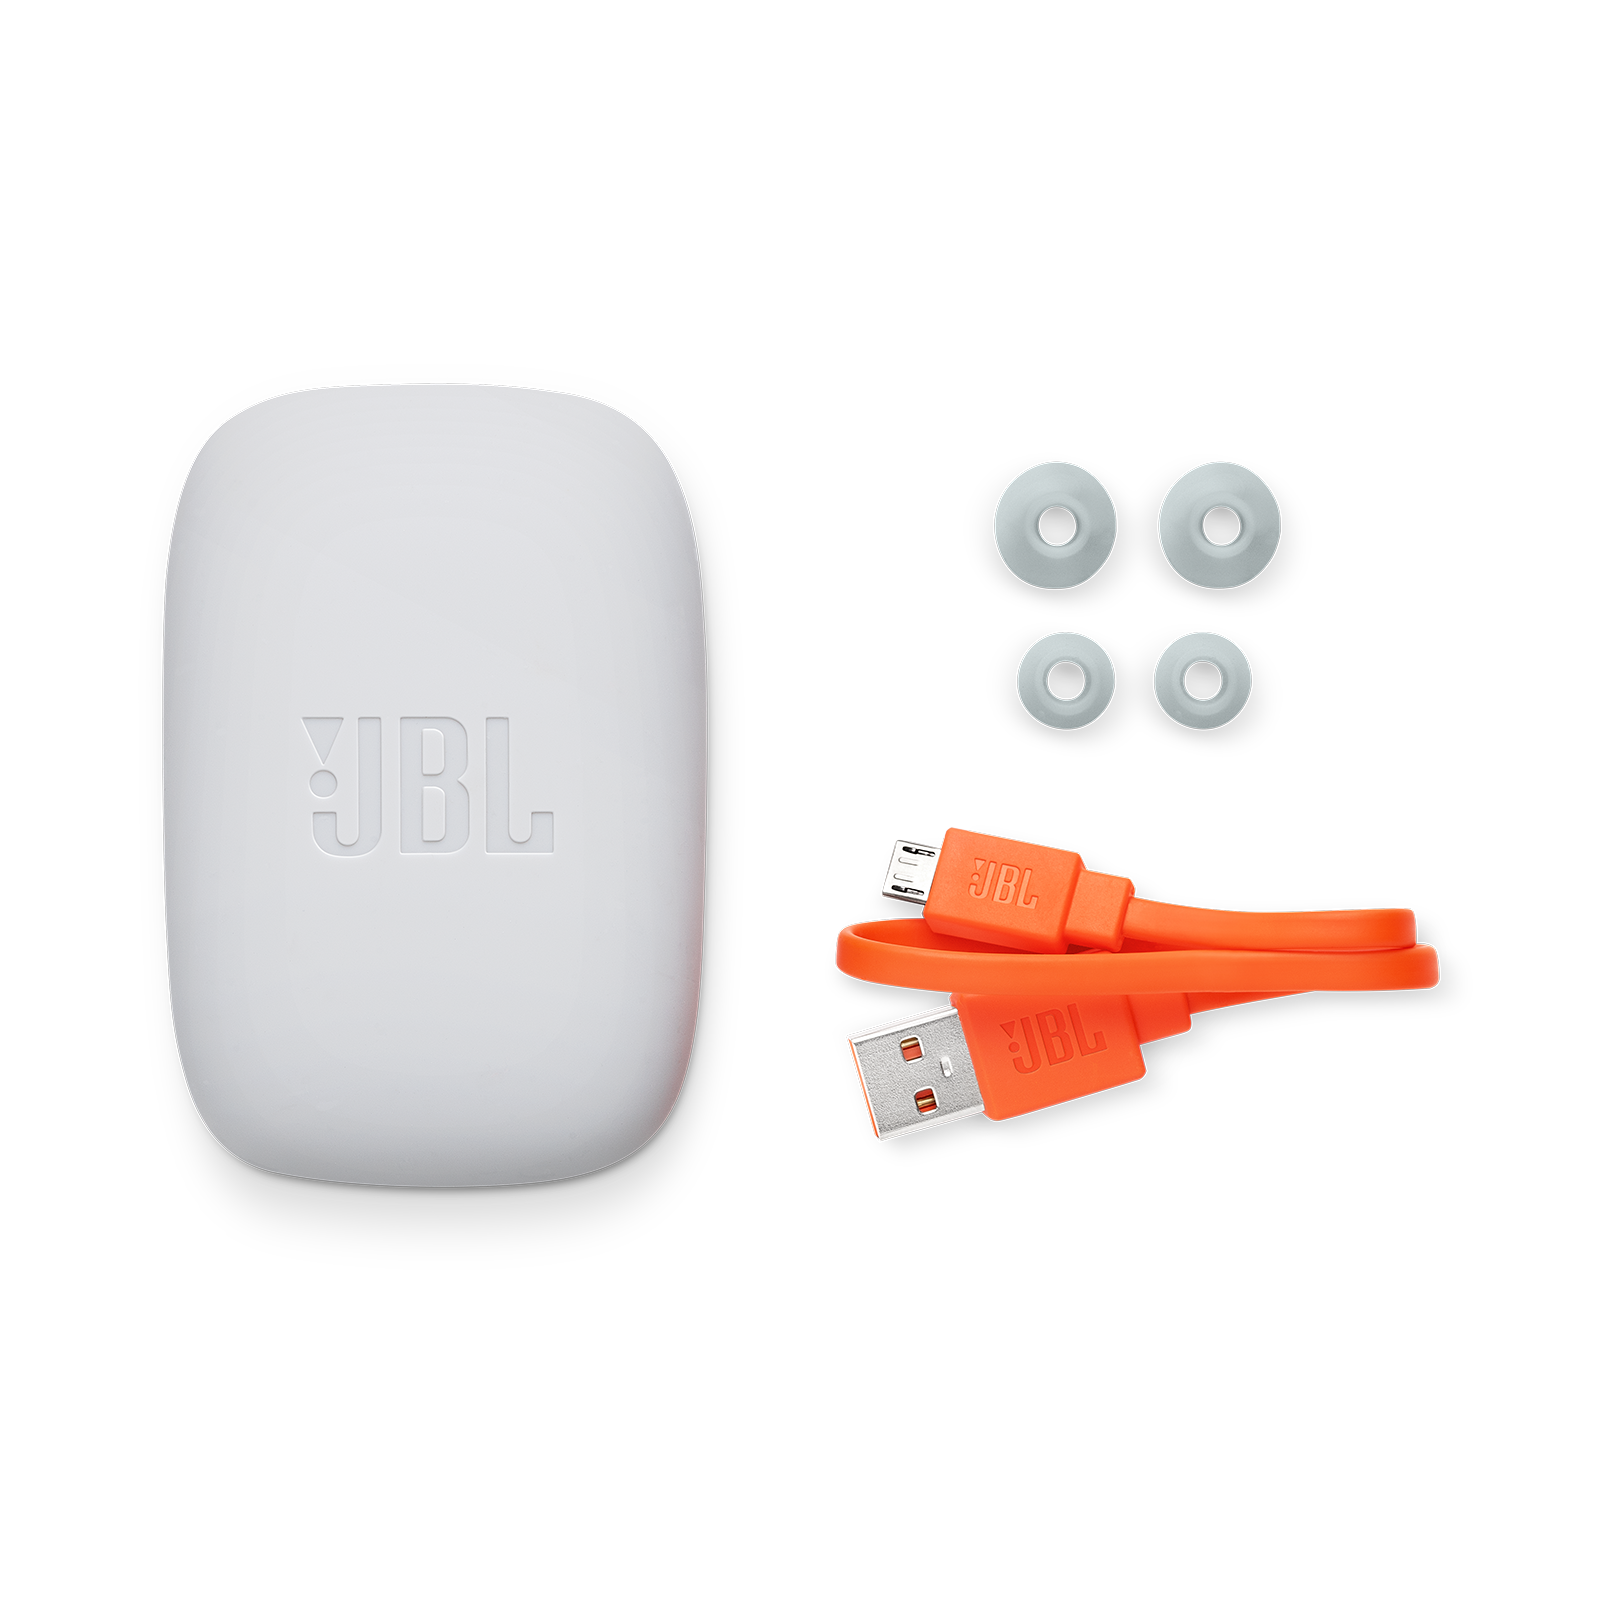 JBL Endurance Jump Wireless in-Ear Sport with PowerHook, comfort and stability, waterproof